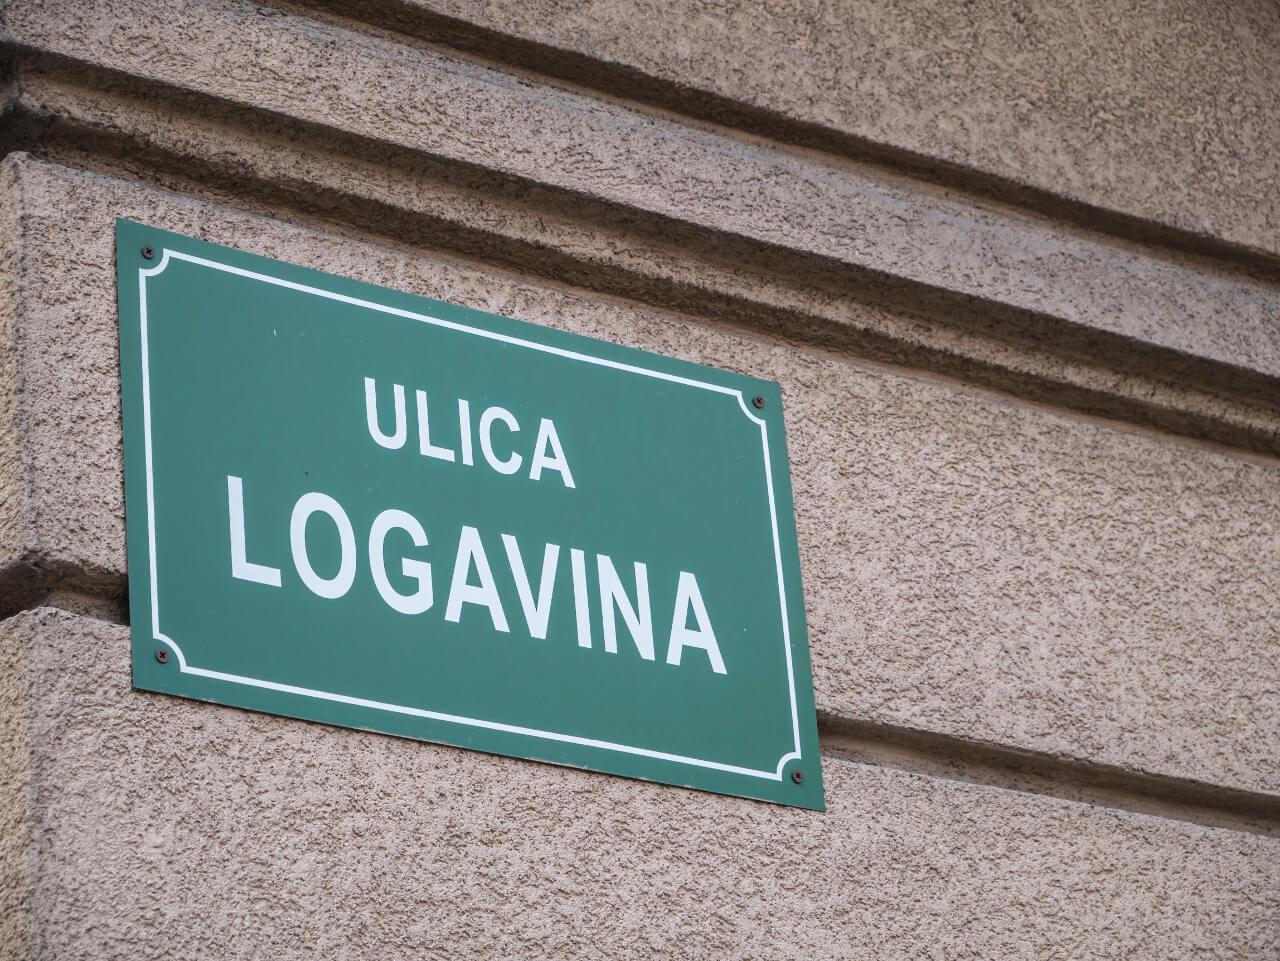 Tabliczka z nazwą ulicy Logavina w Sarajewie